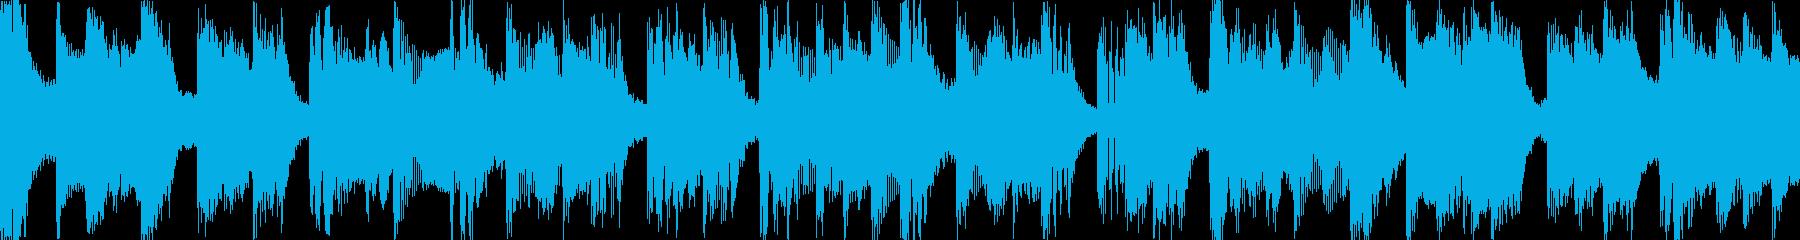 ポップでキャッチーなループの再生済みの波形